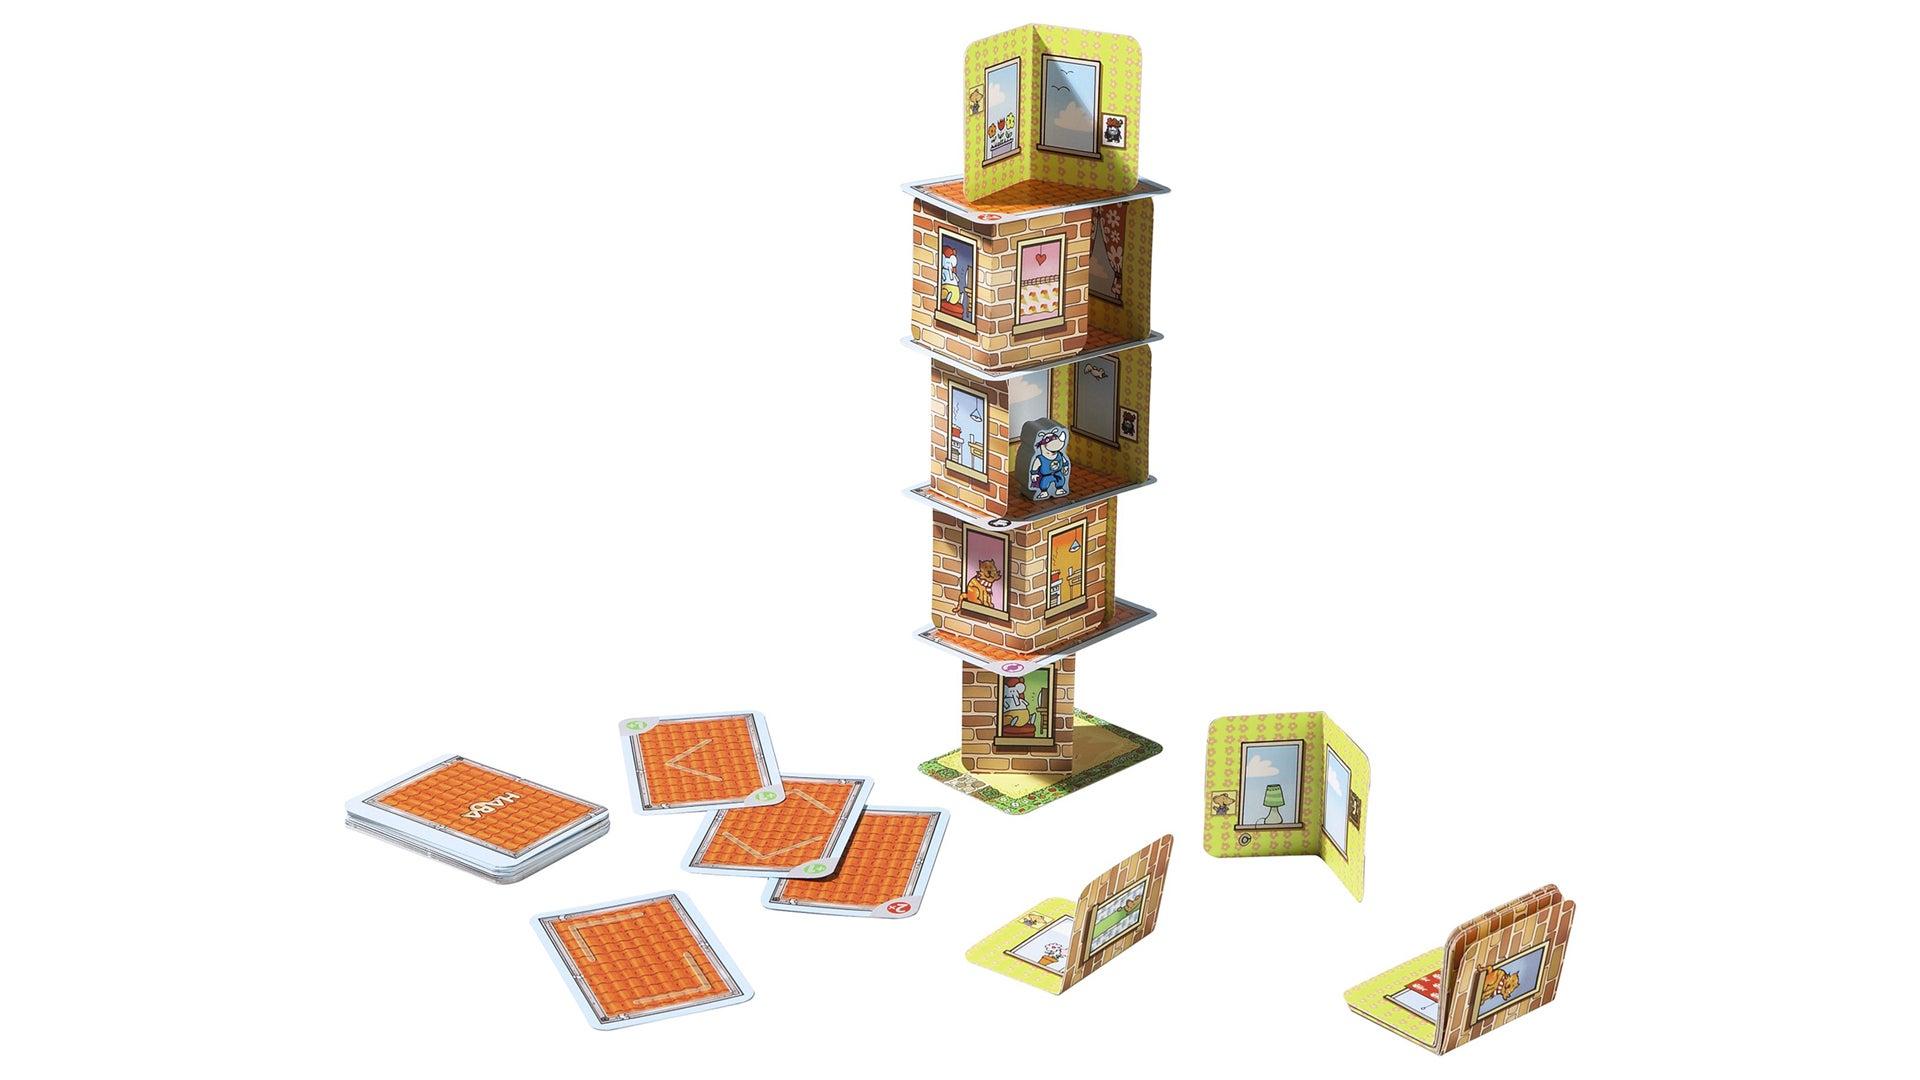 Rhino Hero family board game gameplay layout